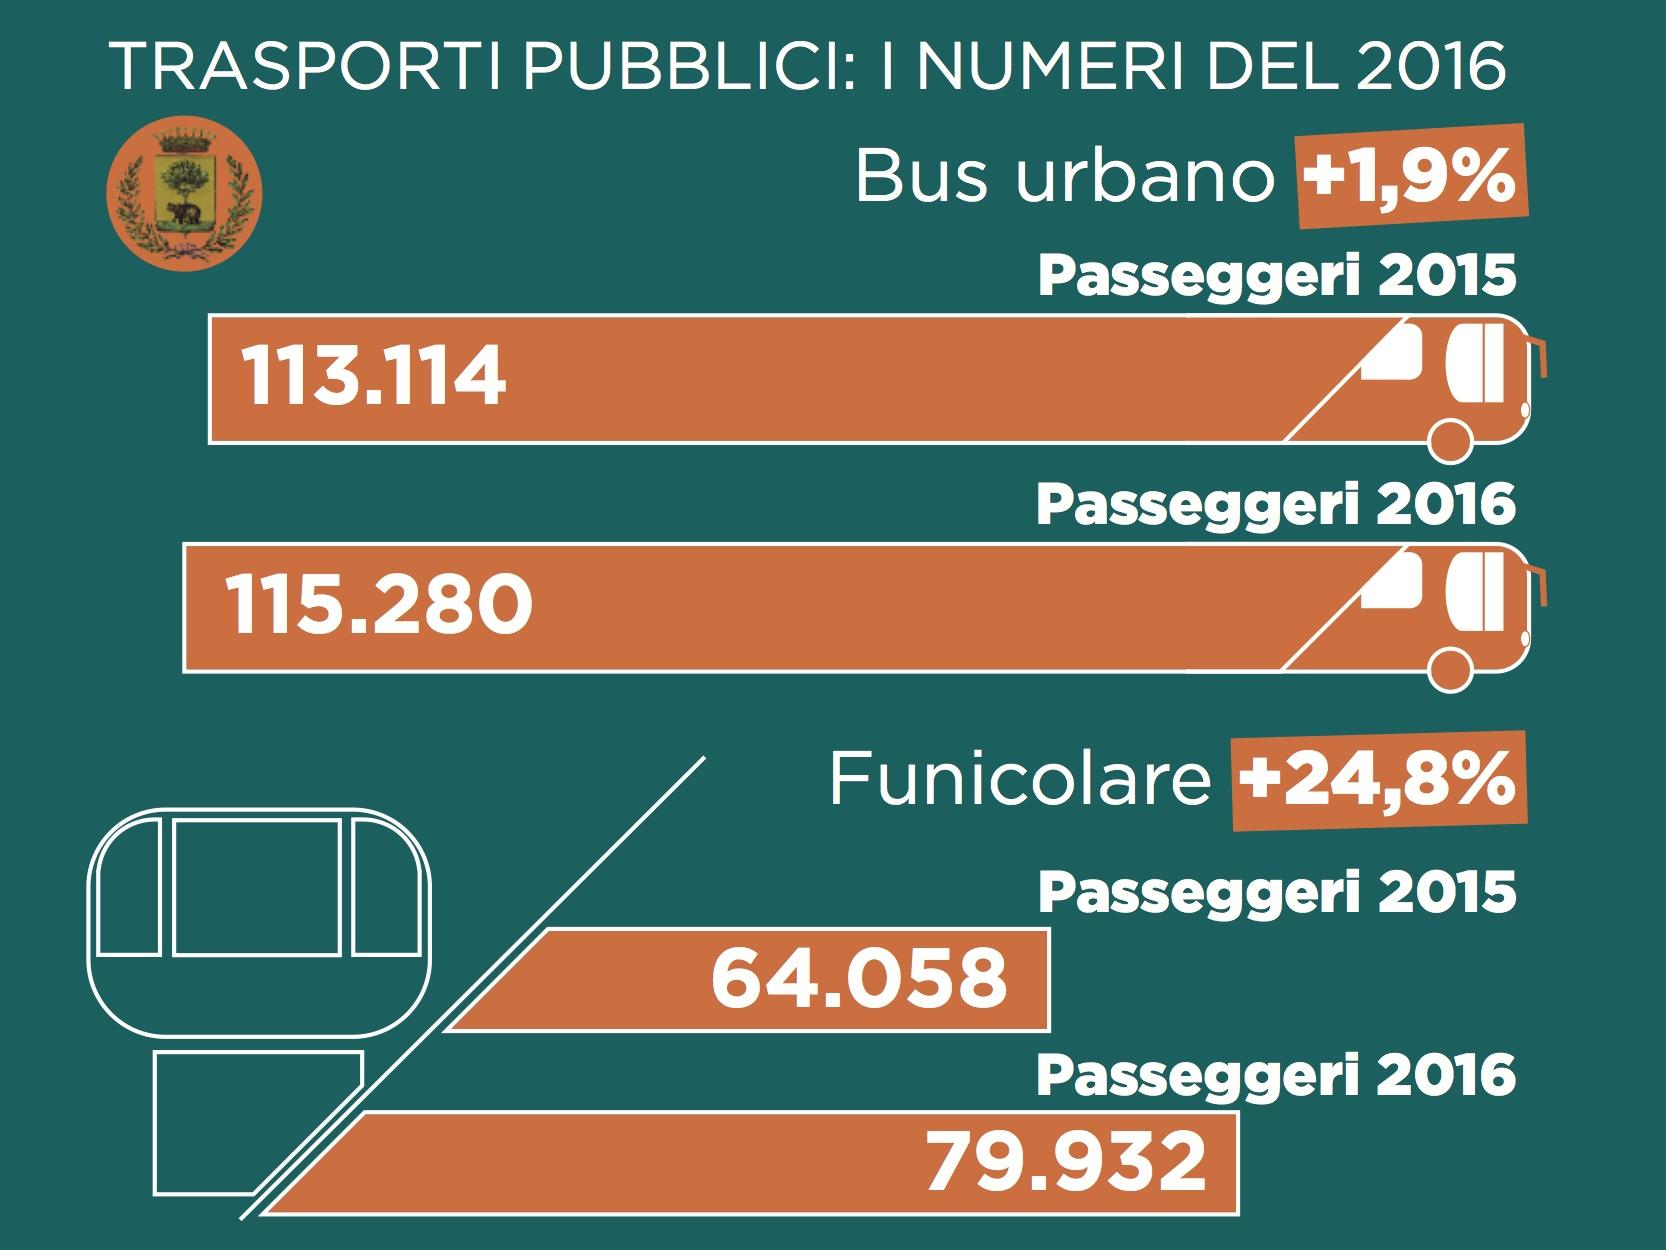 Le statistiche dei trasporti pubblici urbani nel 2016